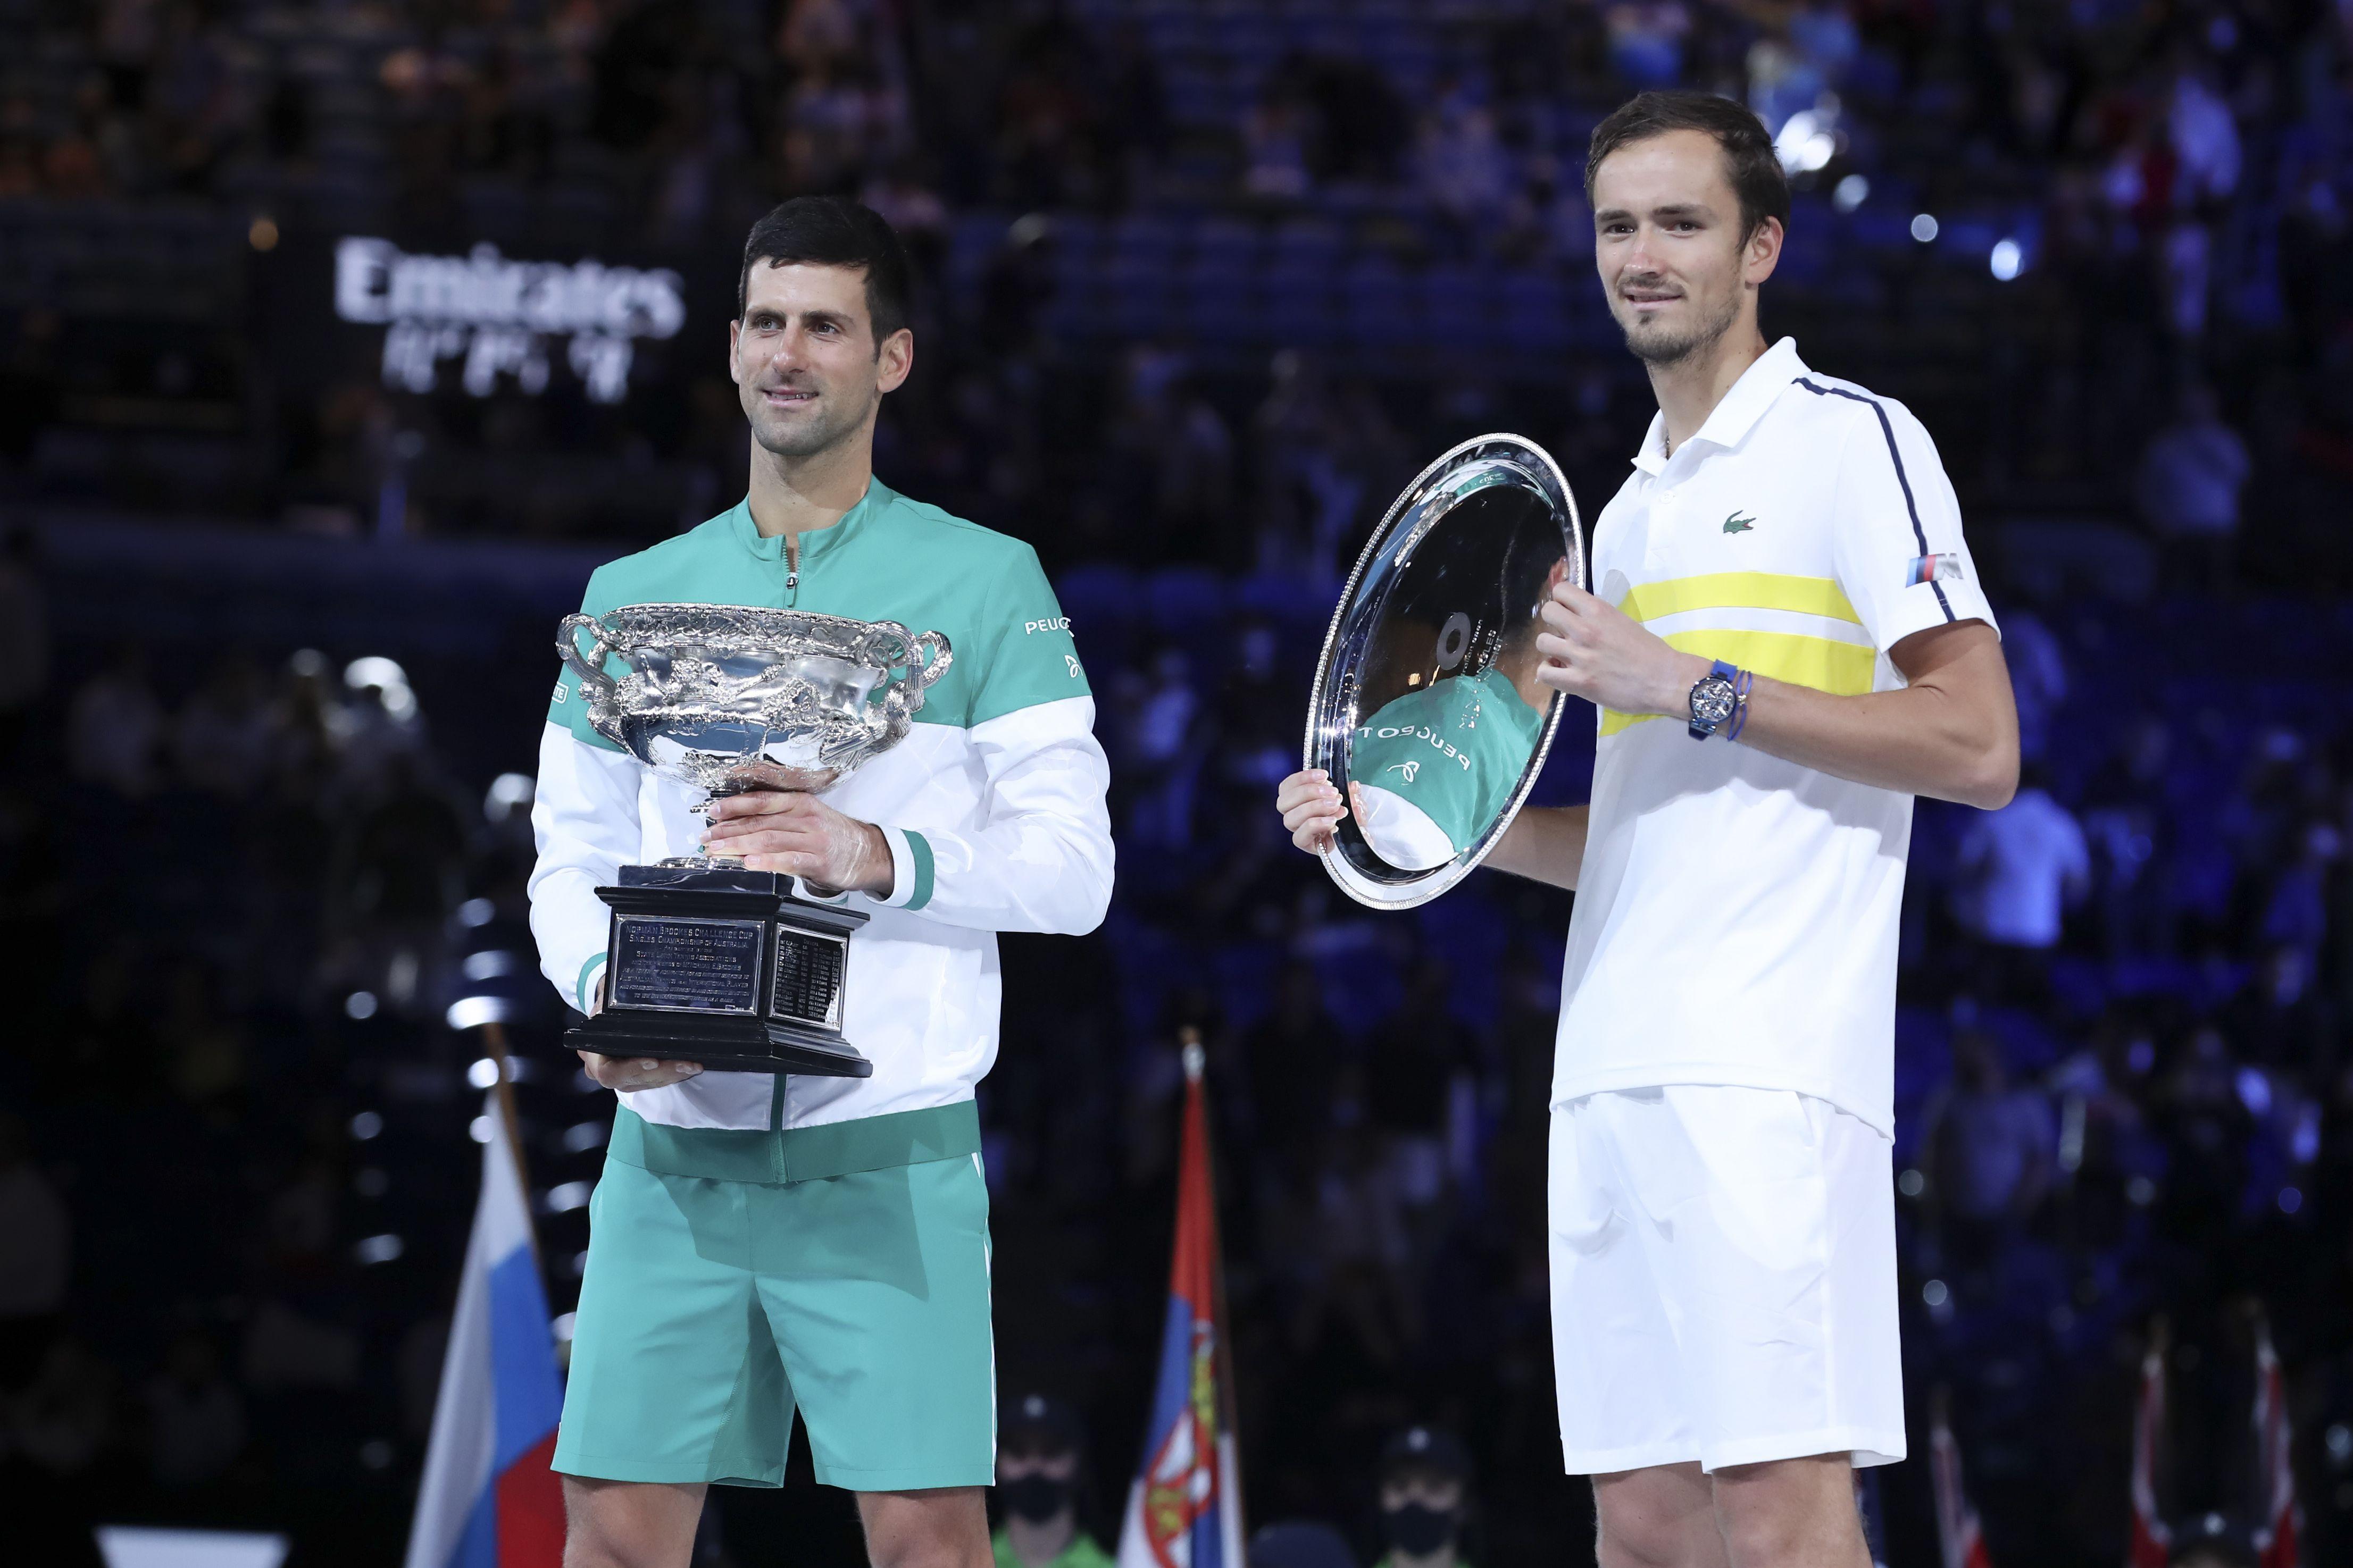 Финалист Australian Open Медведев официально стал третьей ракеткой мира